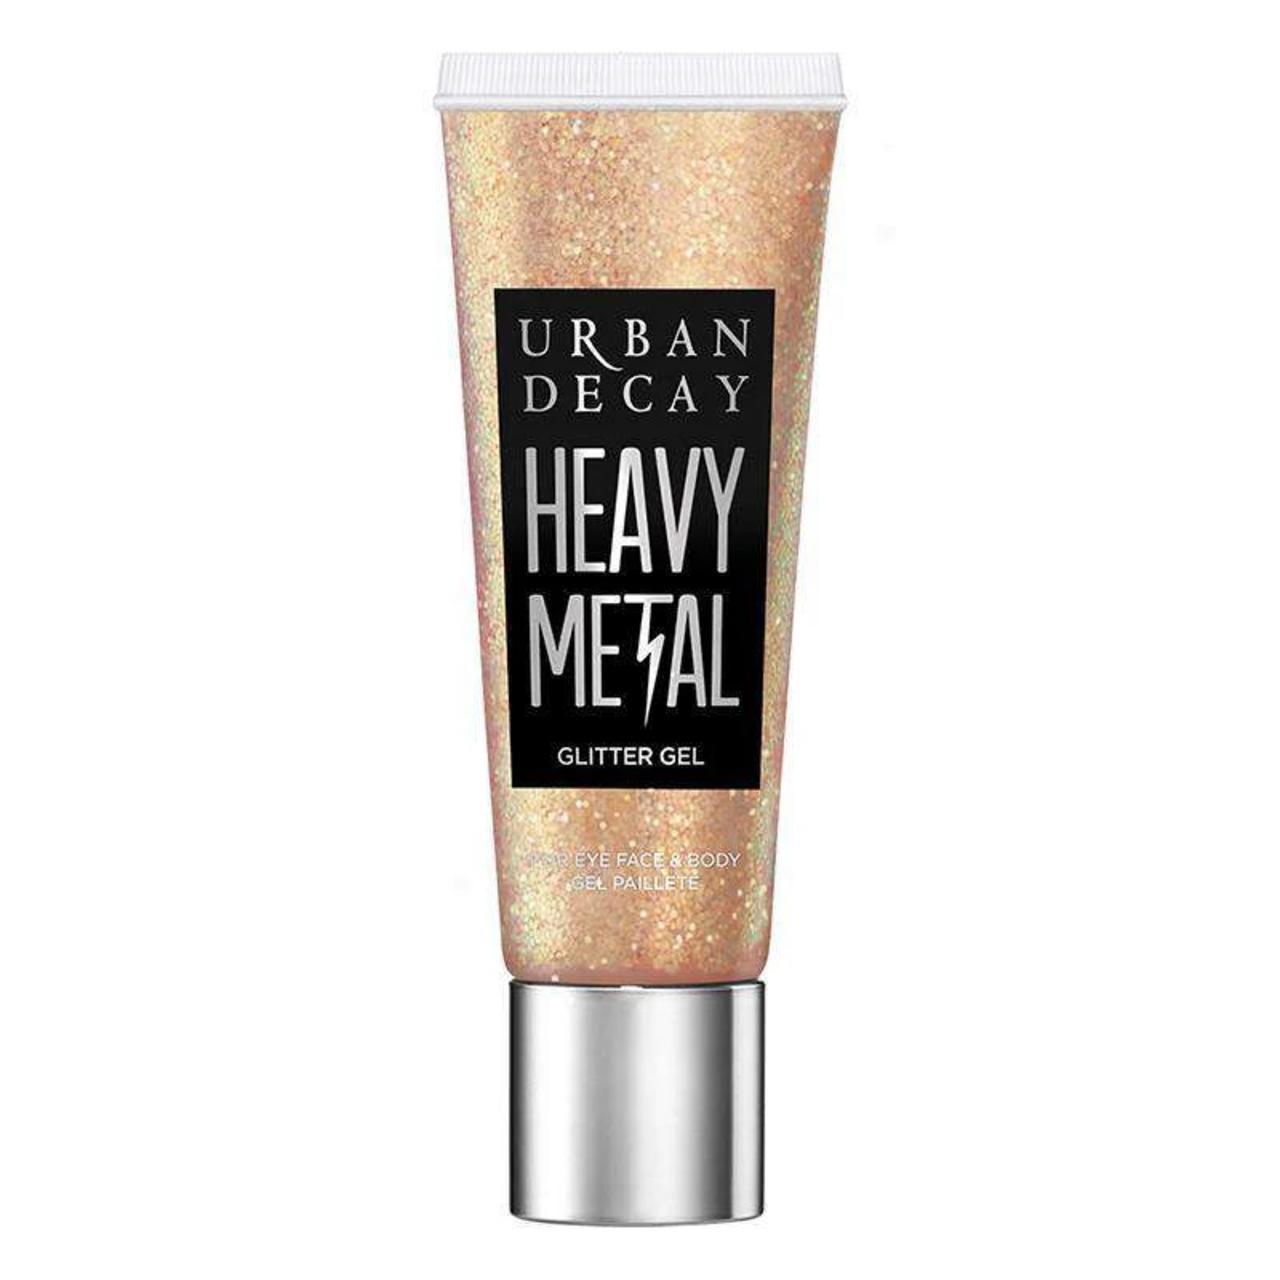 Urban Decay Heavy Metal Glitter Gel (Dreamland).